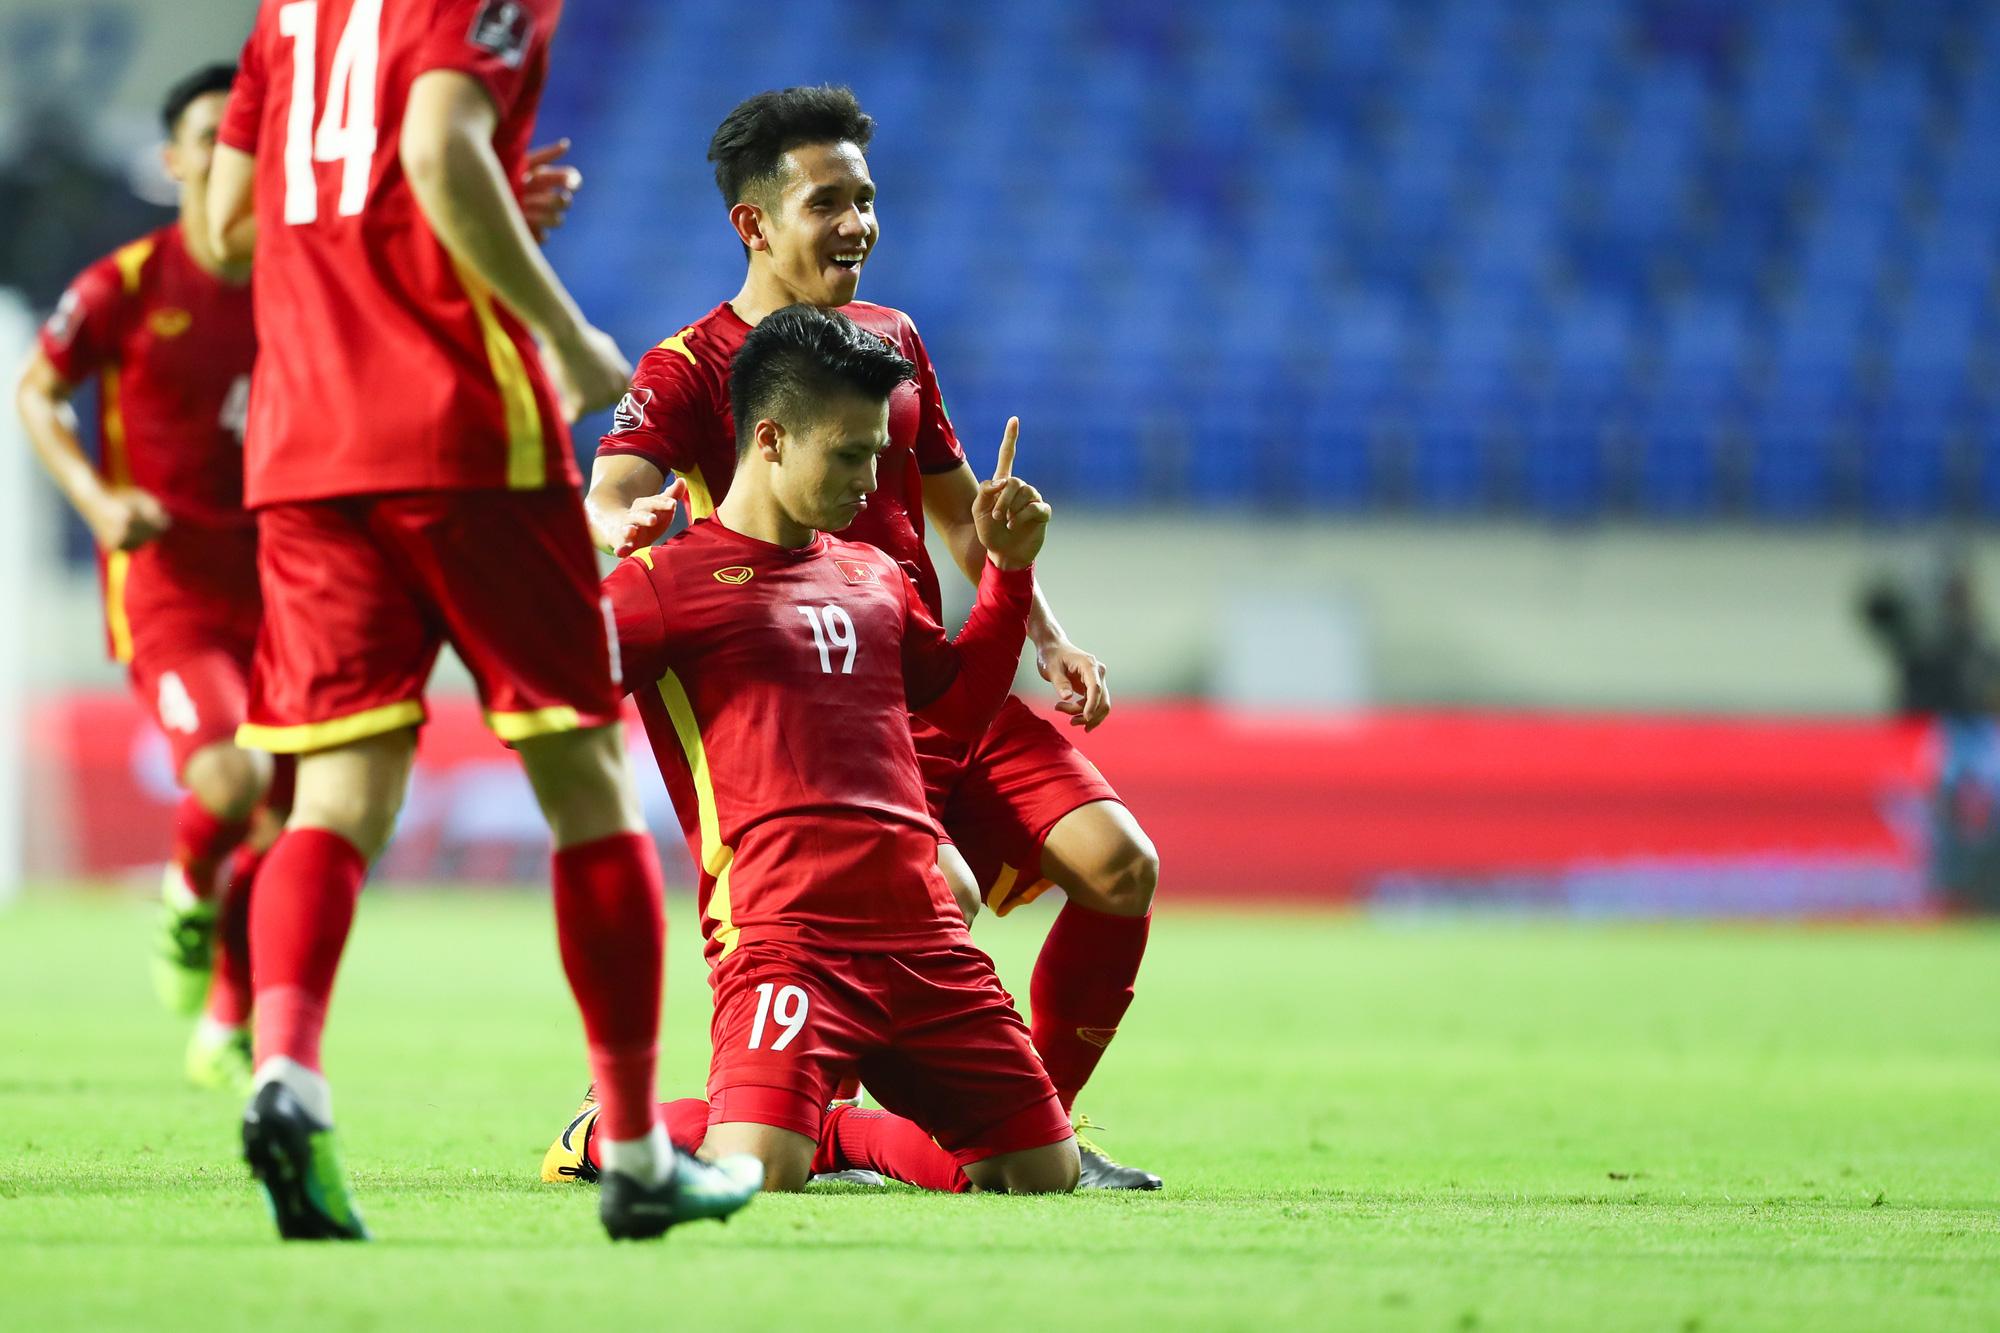 Bí quyết dinh dưỡng vàng cho trận thắng đậm đầu tiên của Đội tuyển Việt Nam tại Vòng Loại World Cup 2022 - Ảnh 1.